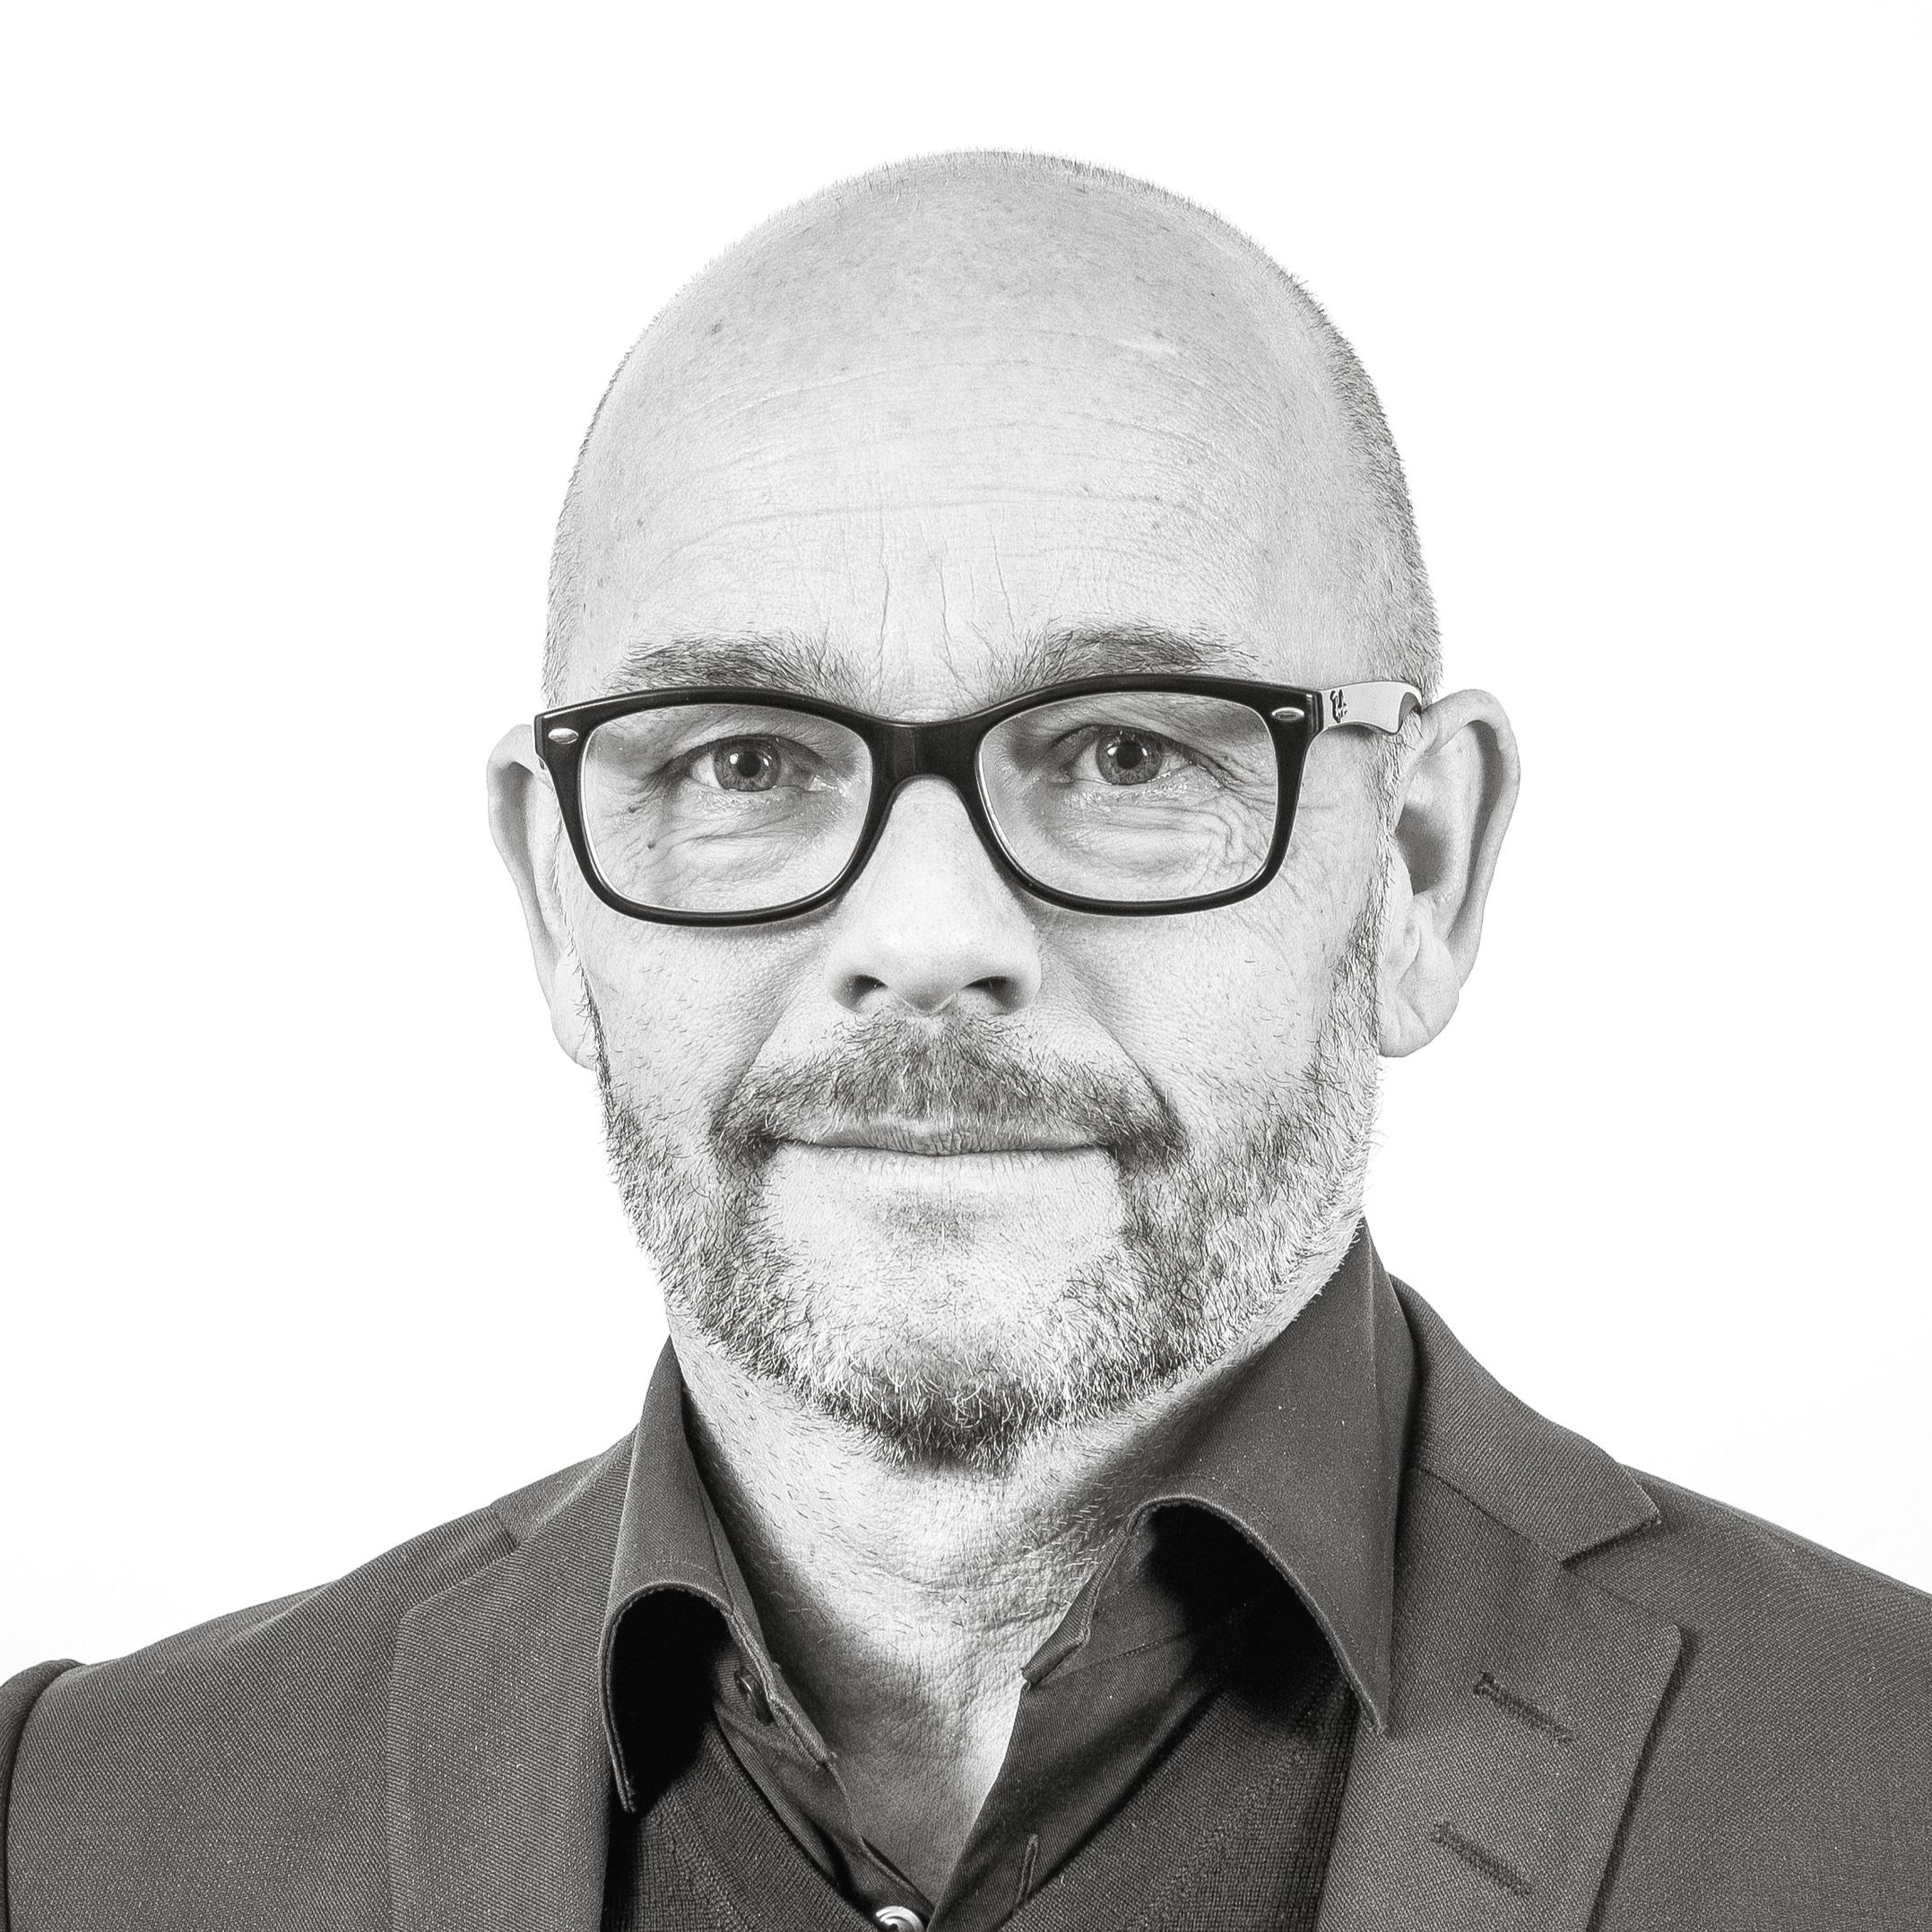 STEFAN KAVSJÖ Senior Consultant +46 708 79 82 83  stefan.kavsjo@nowa.se